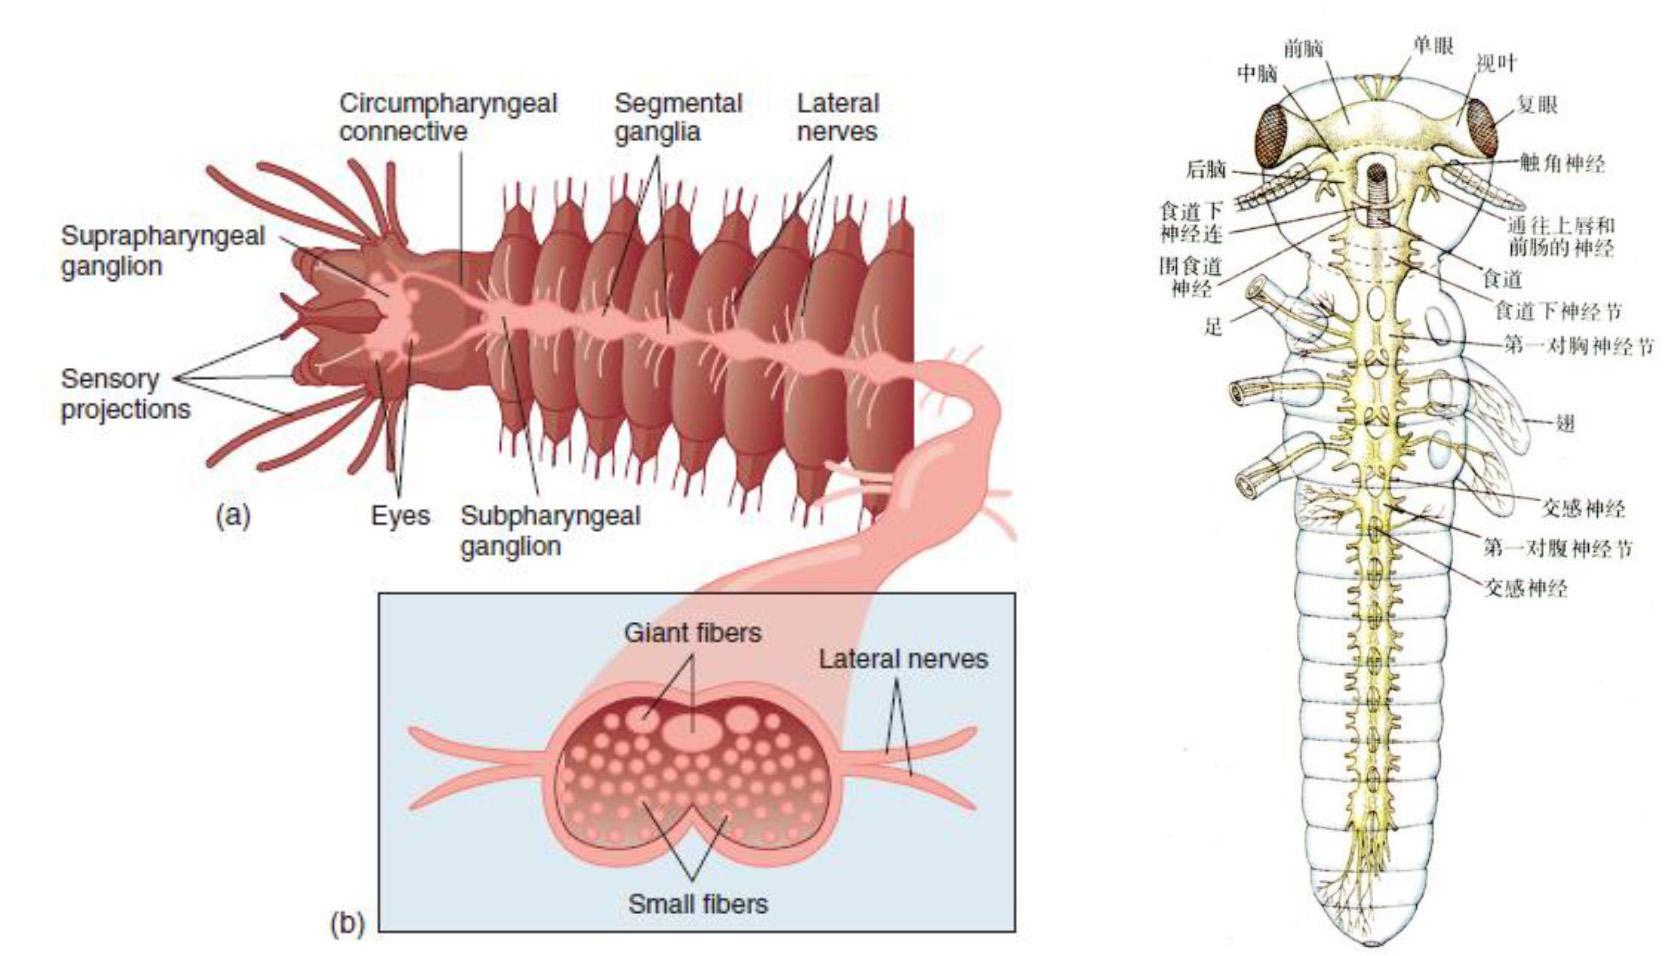 面神经走行图_无脊椎动物神经系统的演化简史 - 知乎